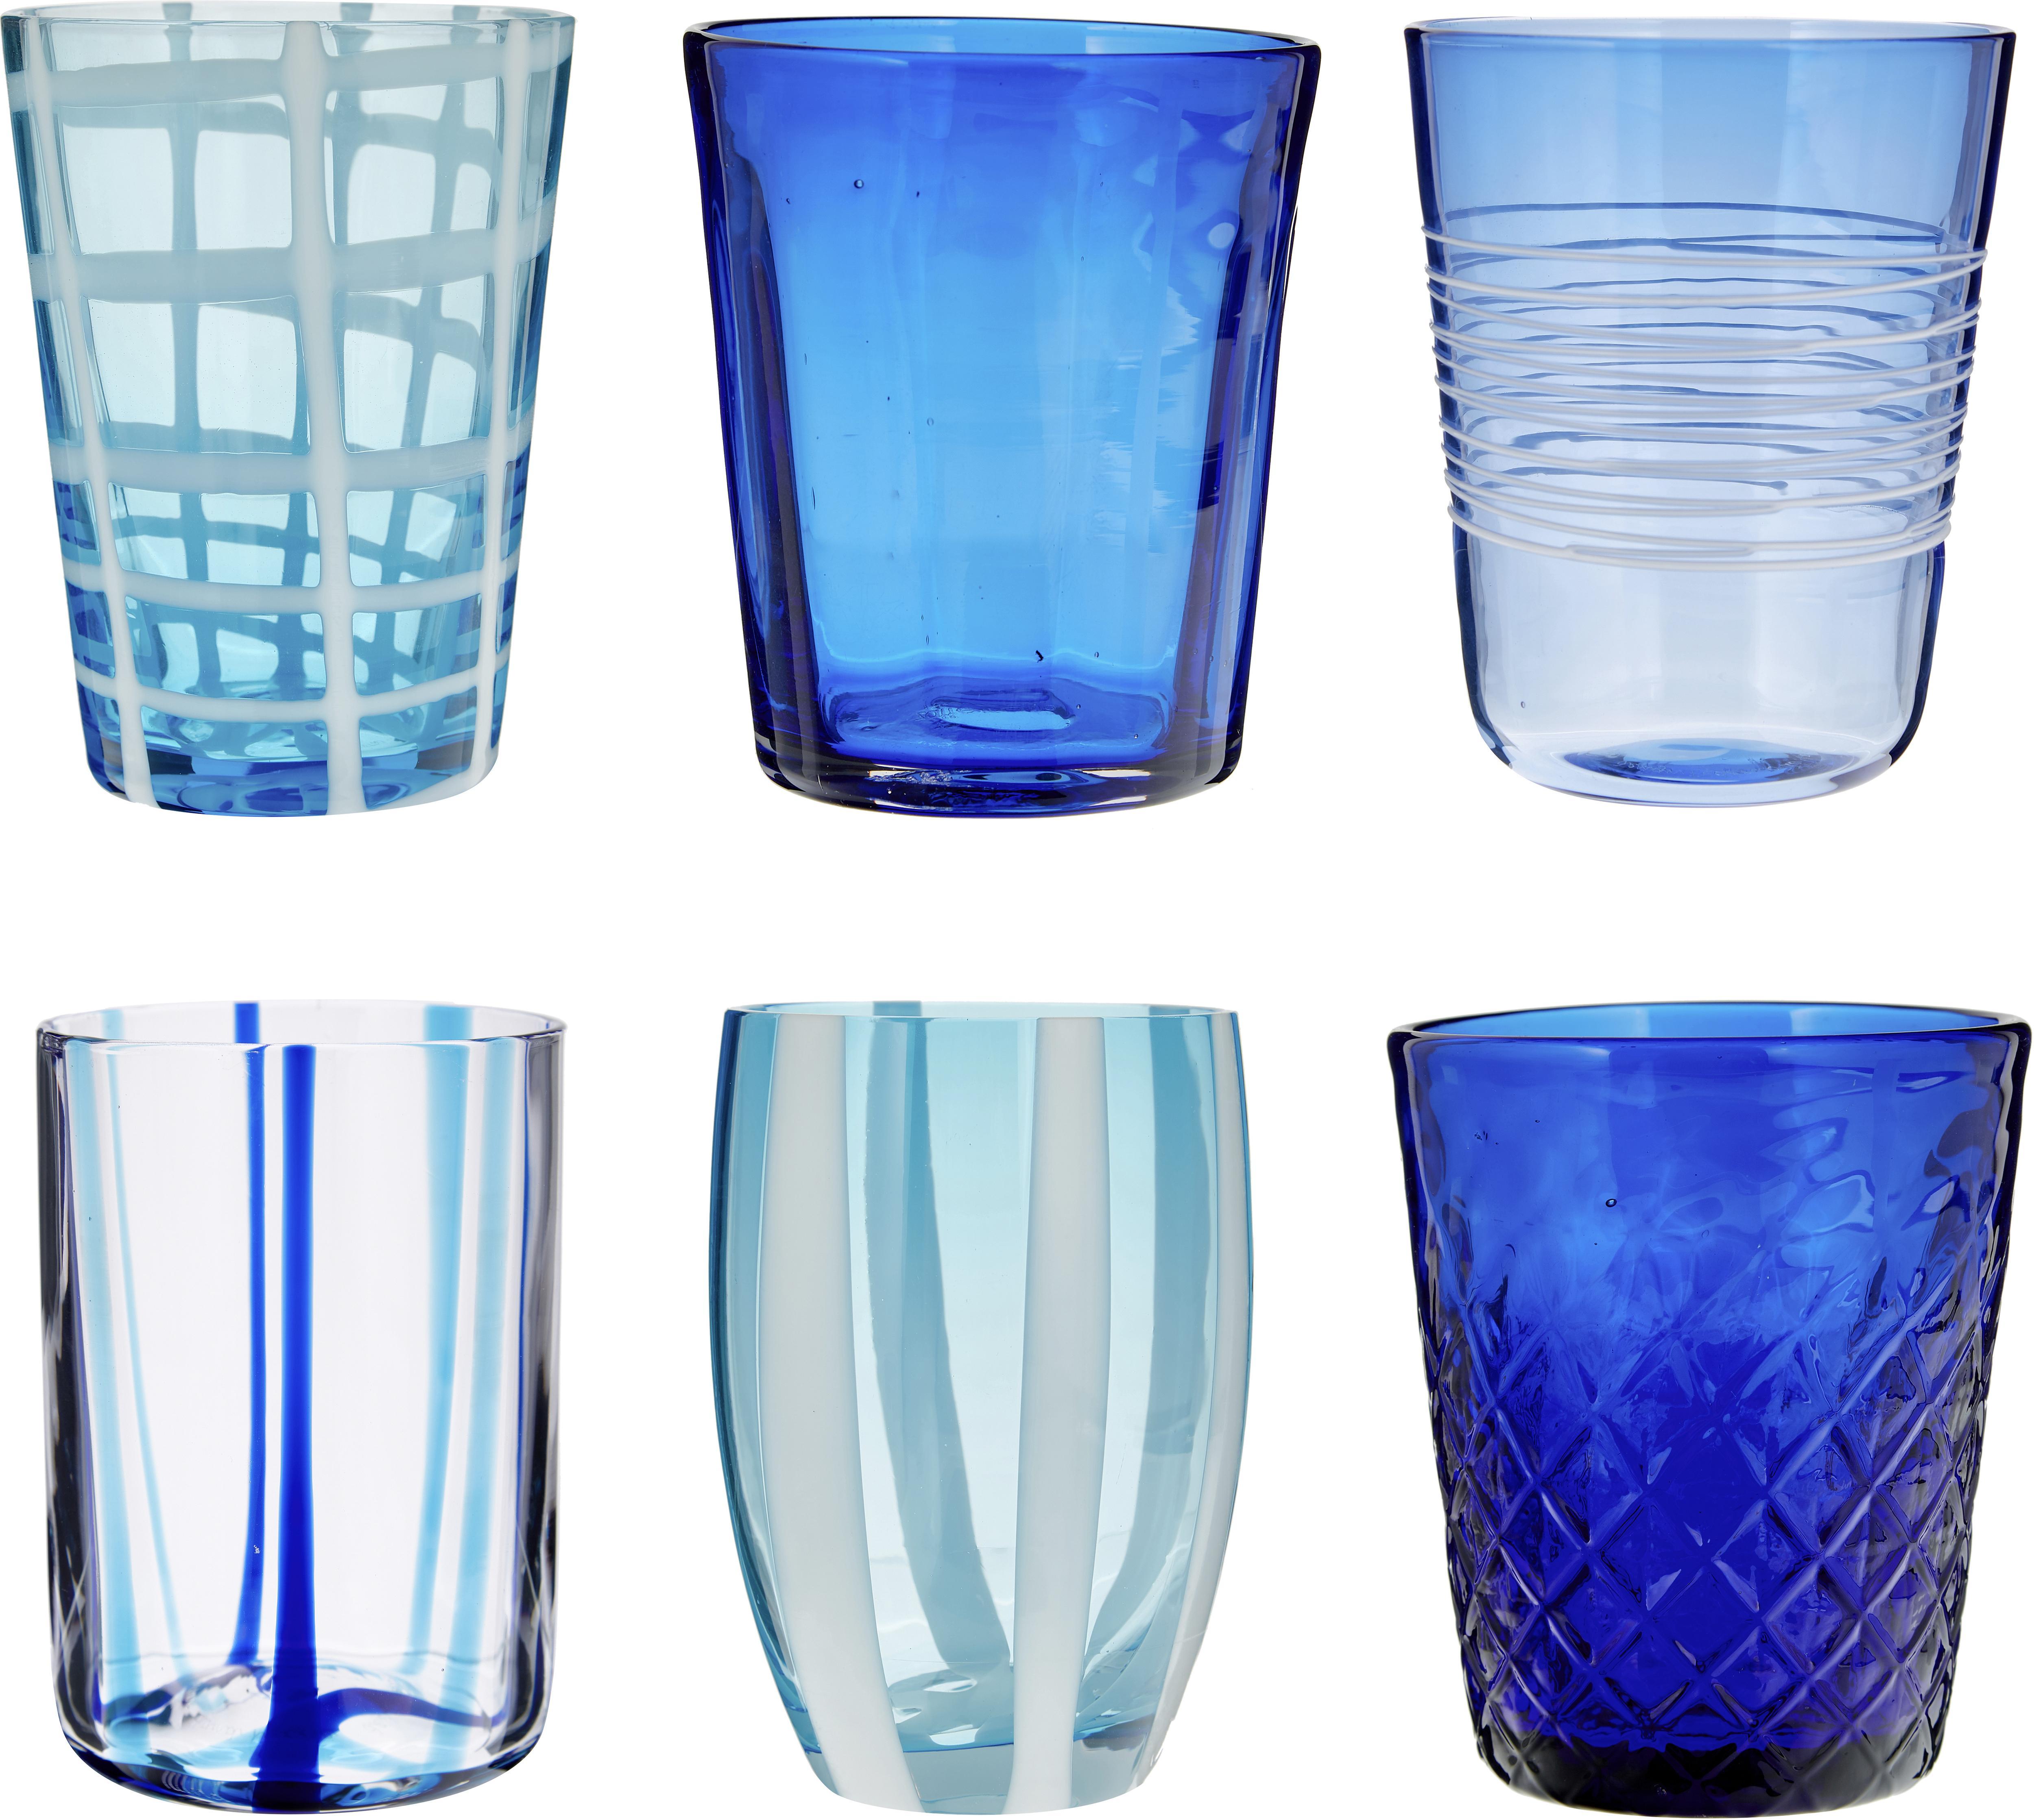 Mundgeblasene Wassergläser Melting Pot Sea in Blautönen, 6er-Set, Glas, Blautöne, Transparent, Set mit verschiedenen Größen